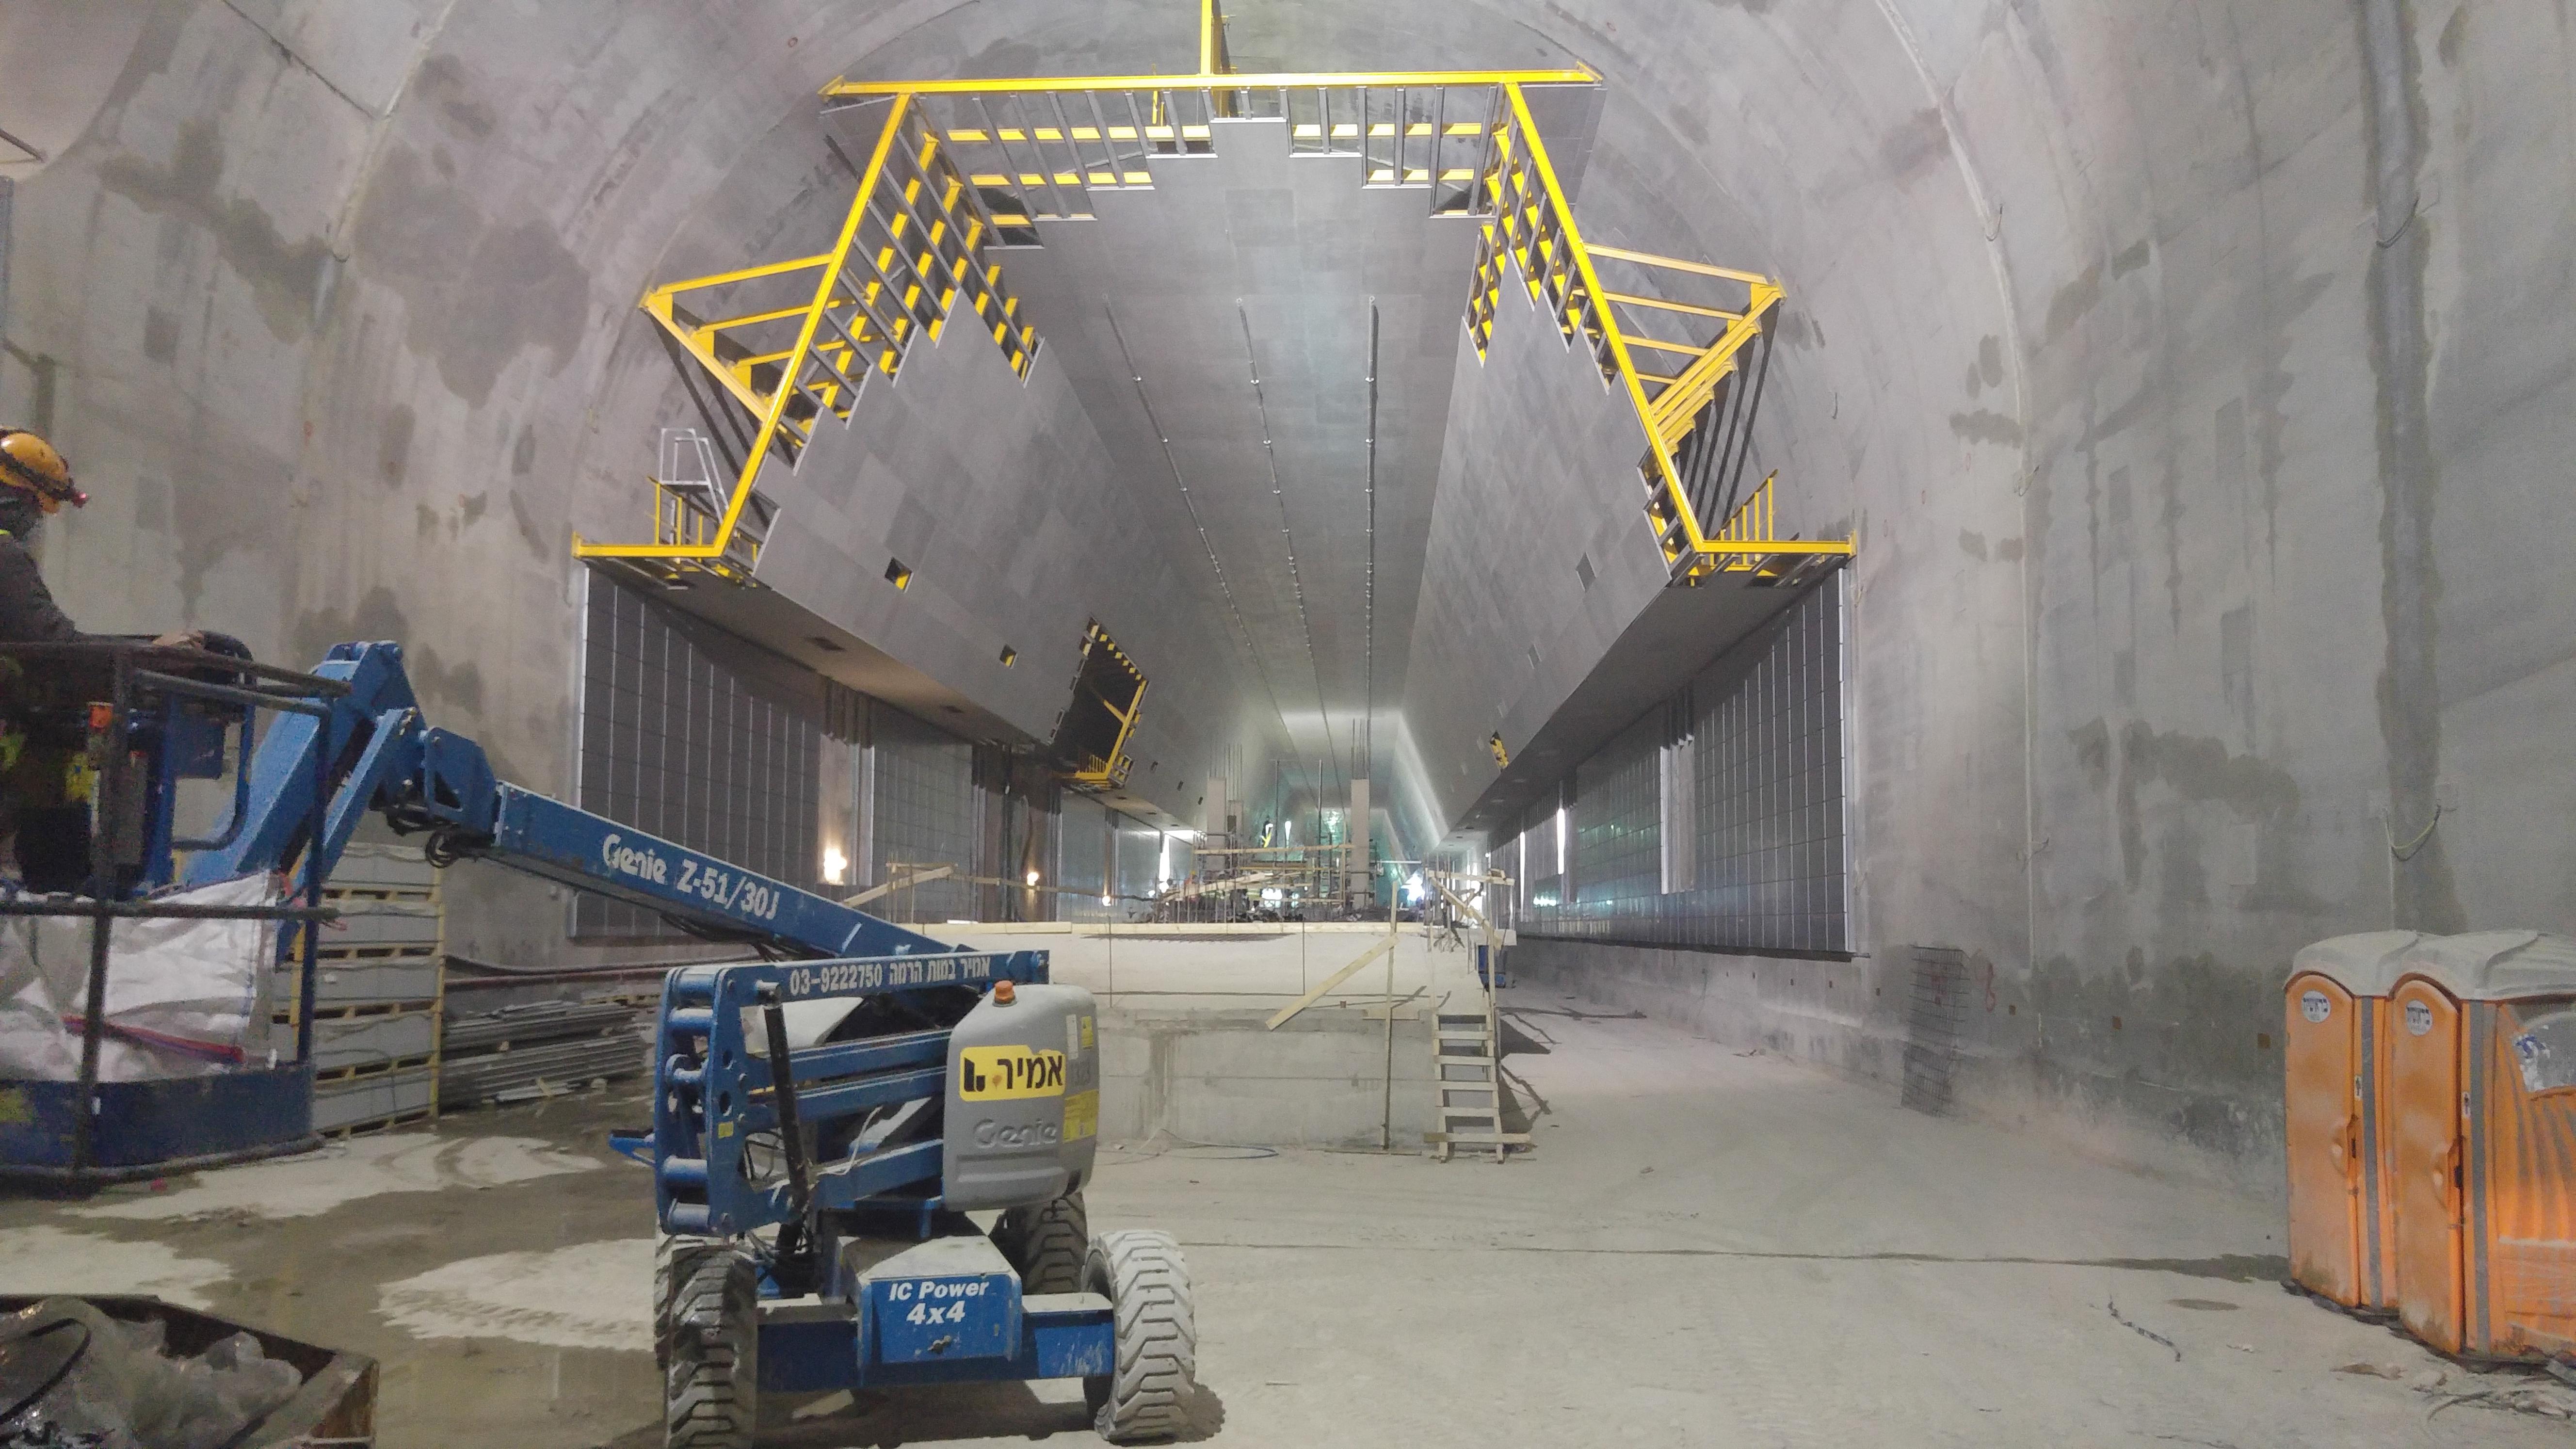 80 מטר מתחת לאדמה, 4,000 איש בשעה: פרויקט הרכבת לירושלים מתקדם